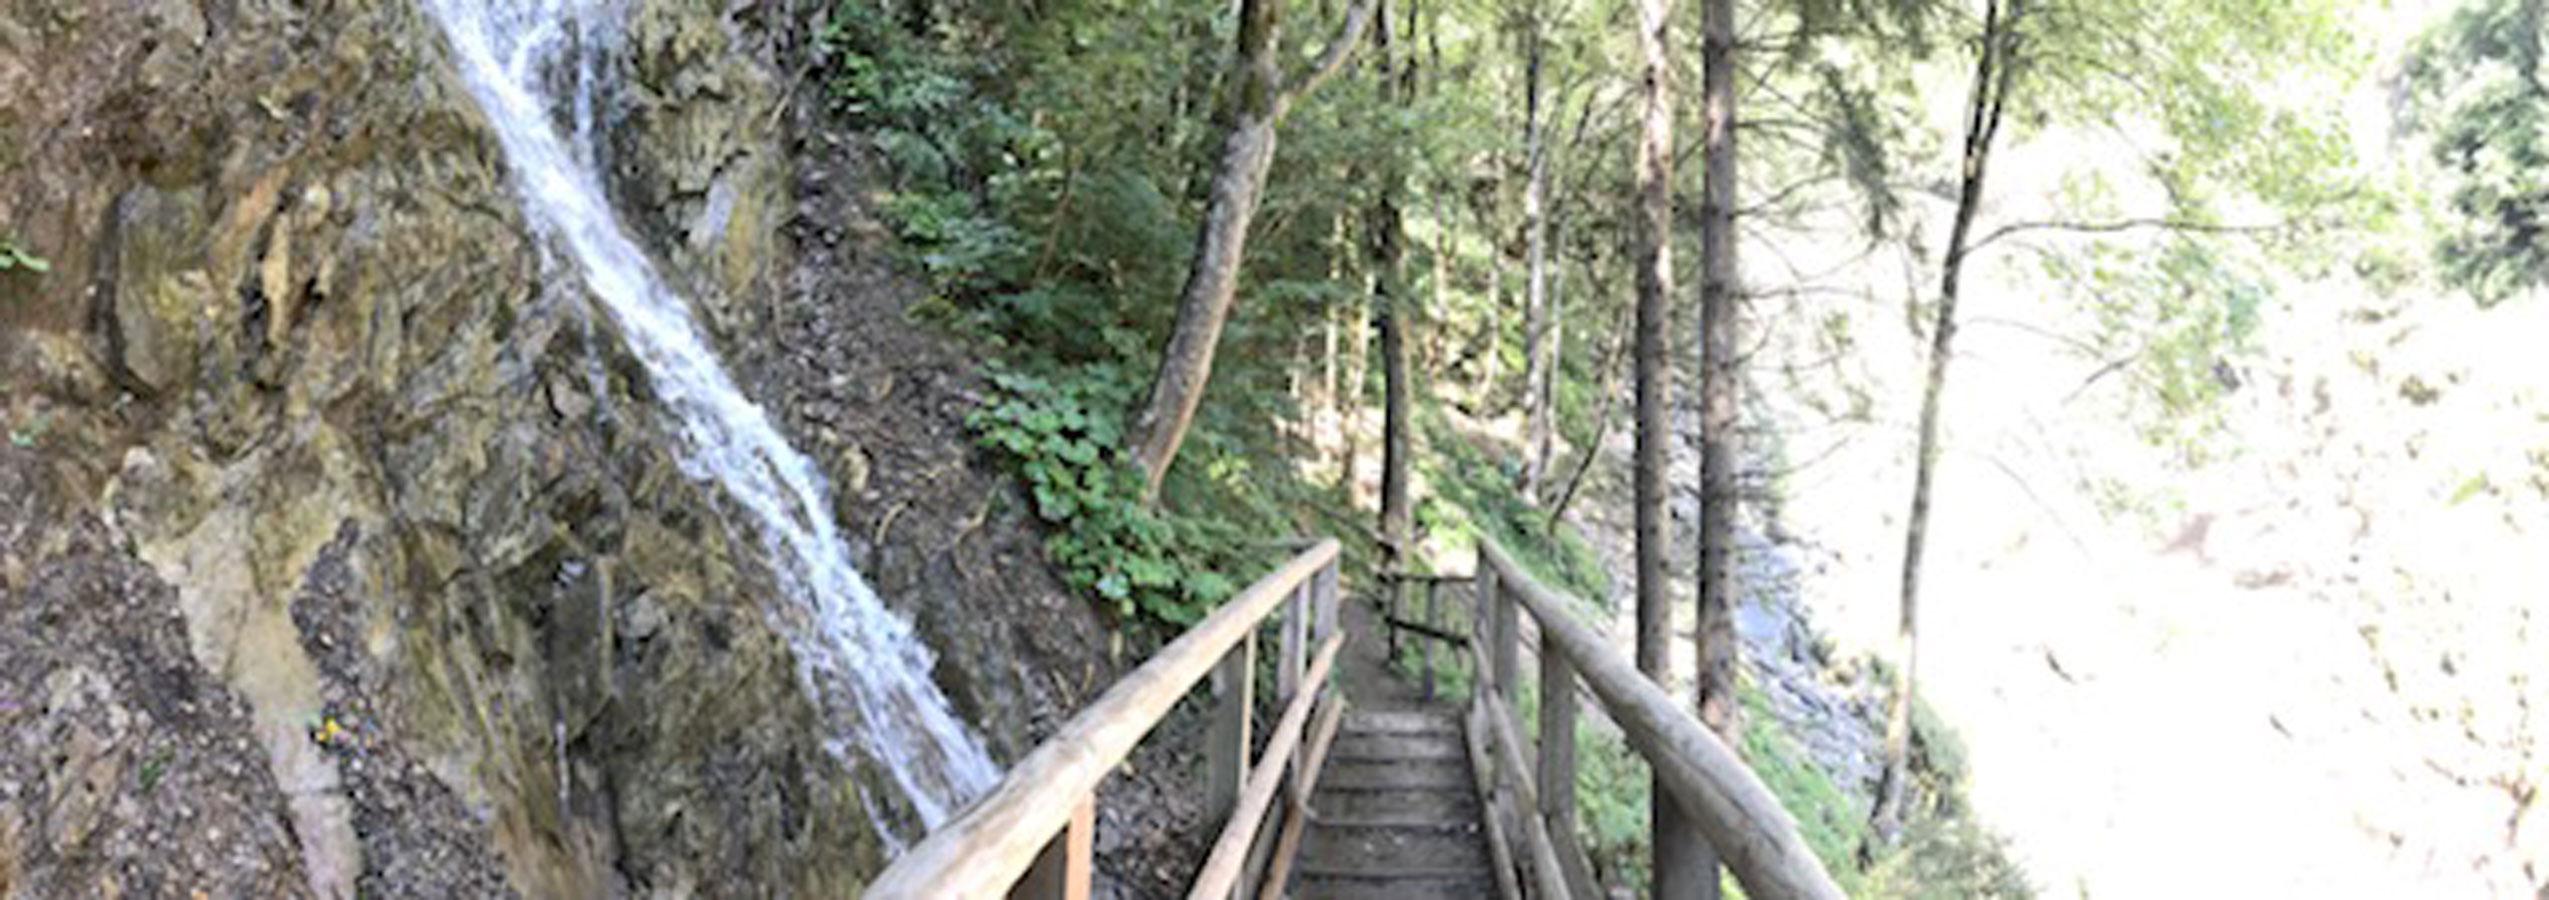 villa-sonnata-omgeving-39-groppensteinschlucht